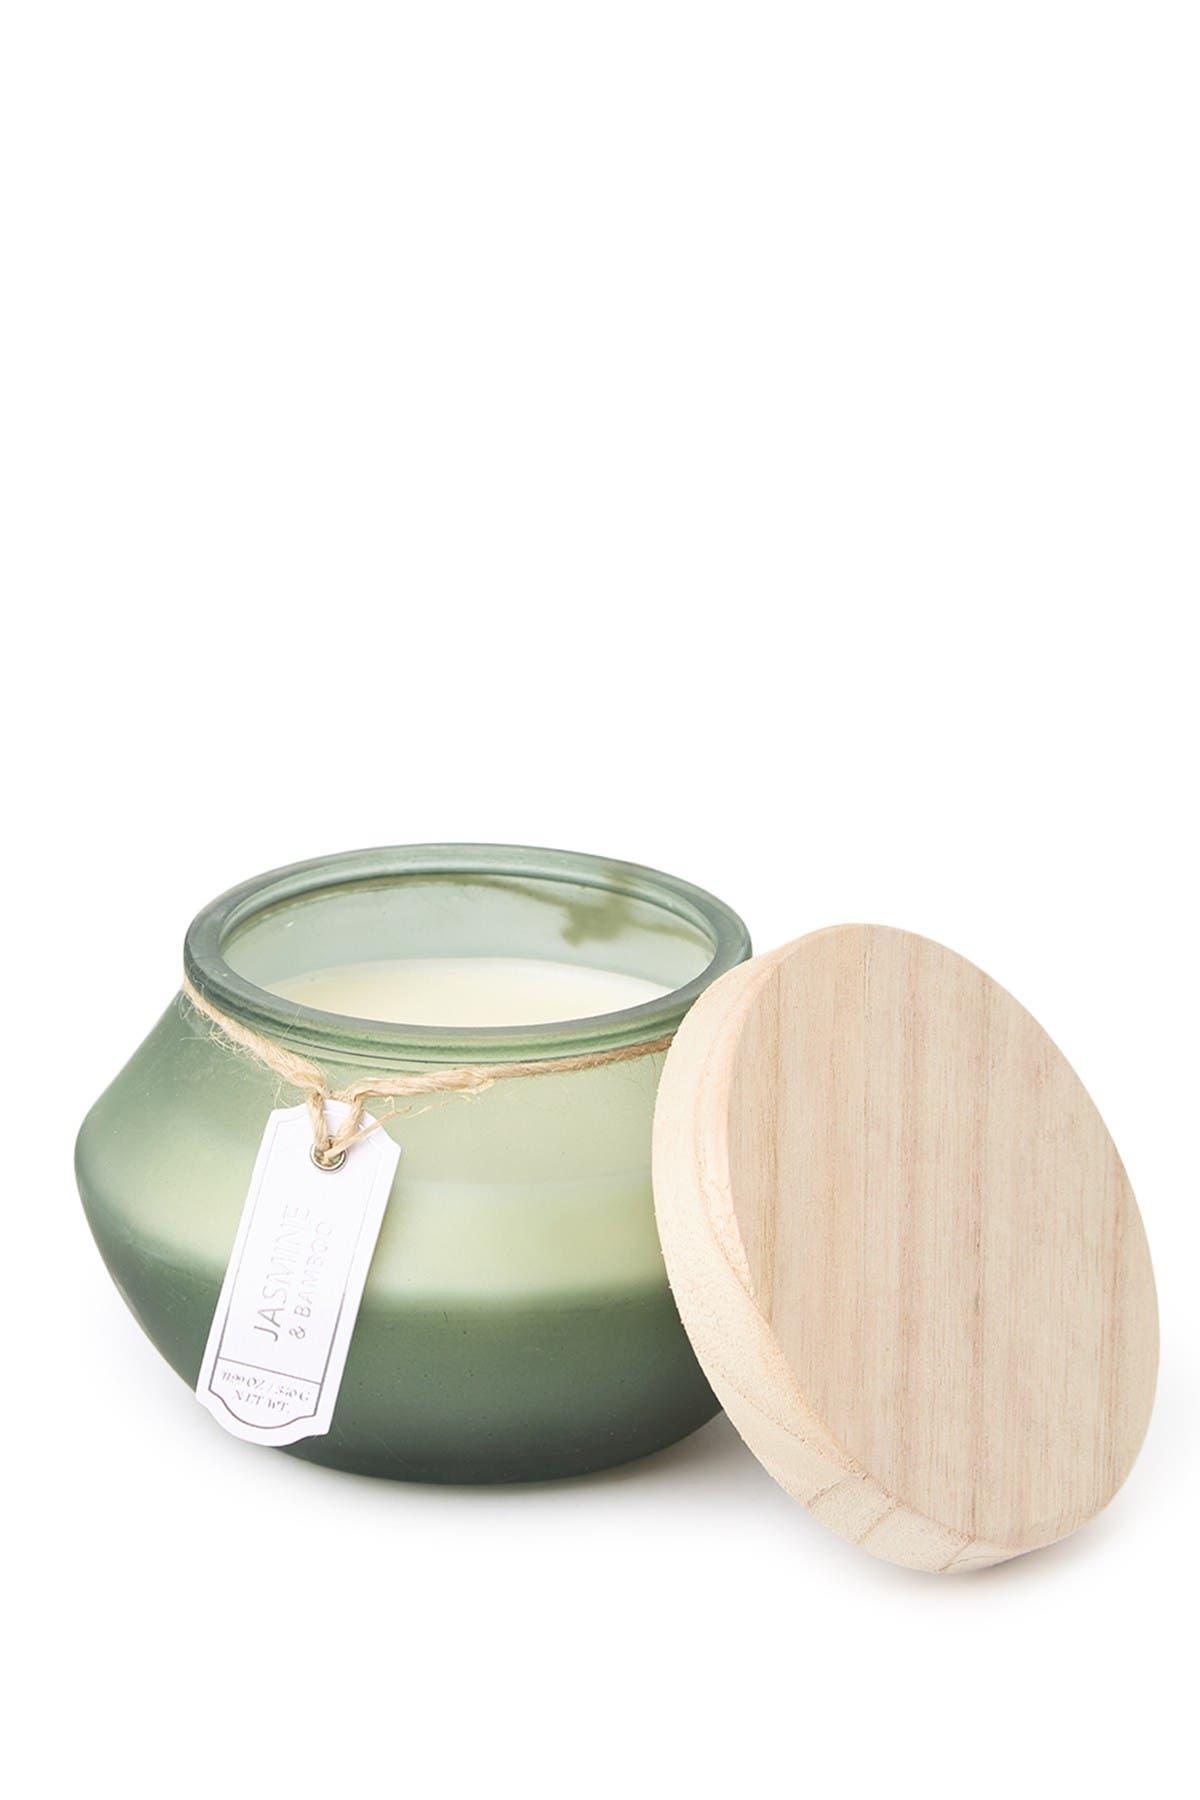 Image of PORTOFINO Jasmine Bamboo Boudoir Candle - 12 oz.